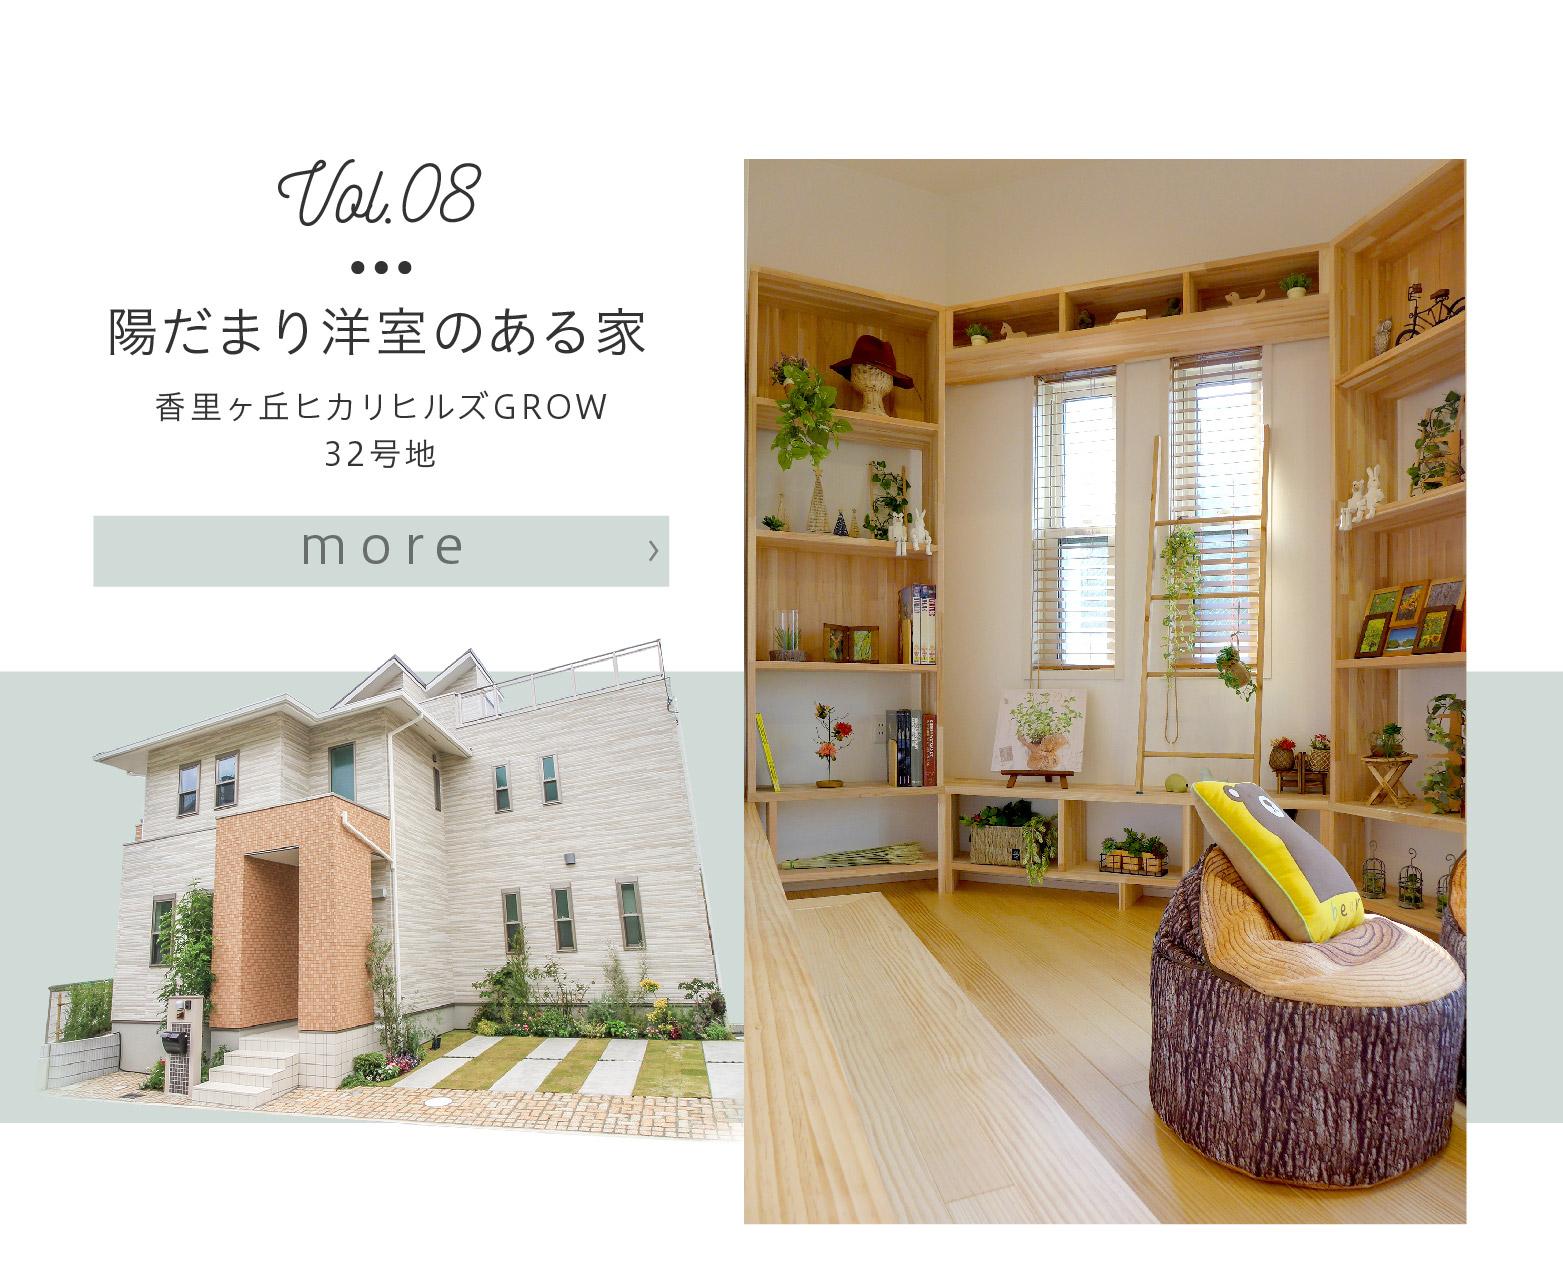 【香里ヶ丘ヒカリヒルズGROW 32号地】モデルハウスを見る